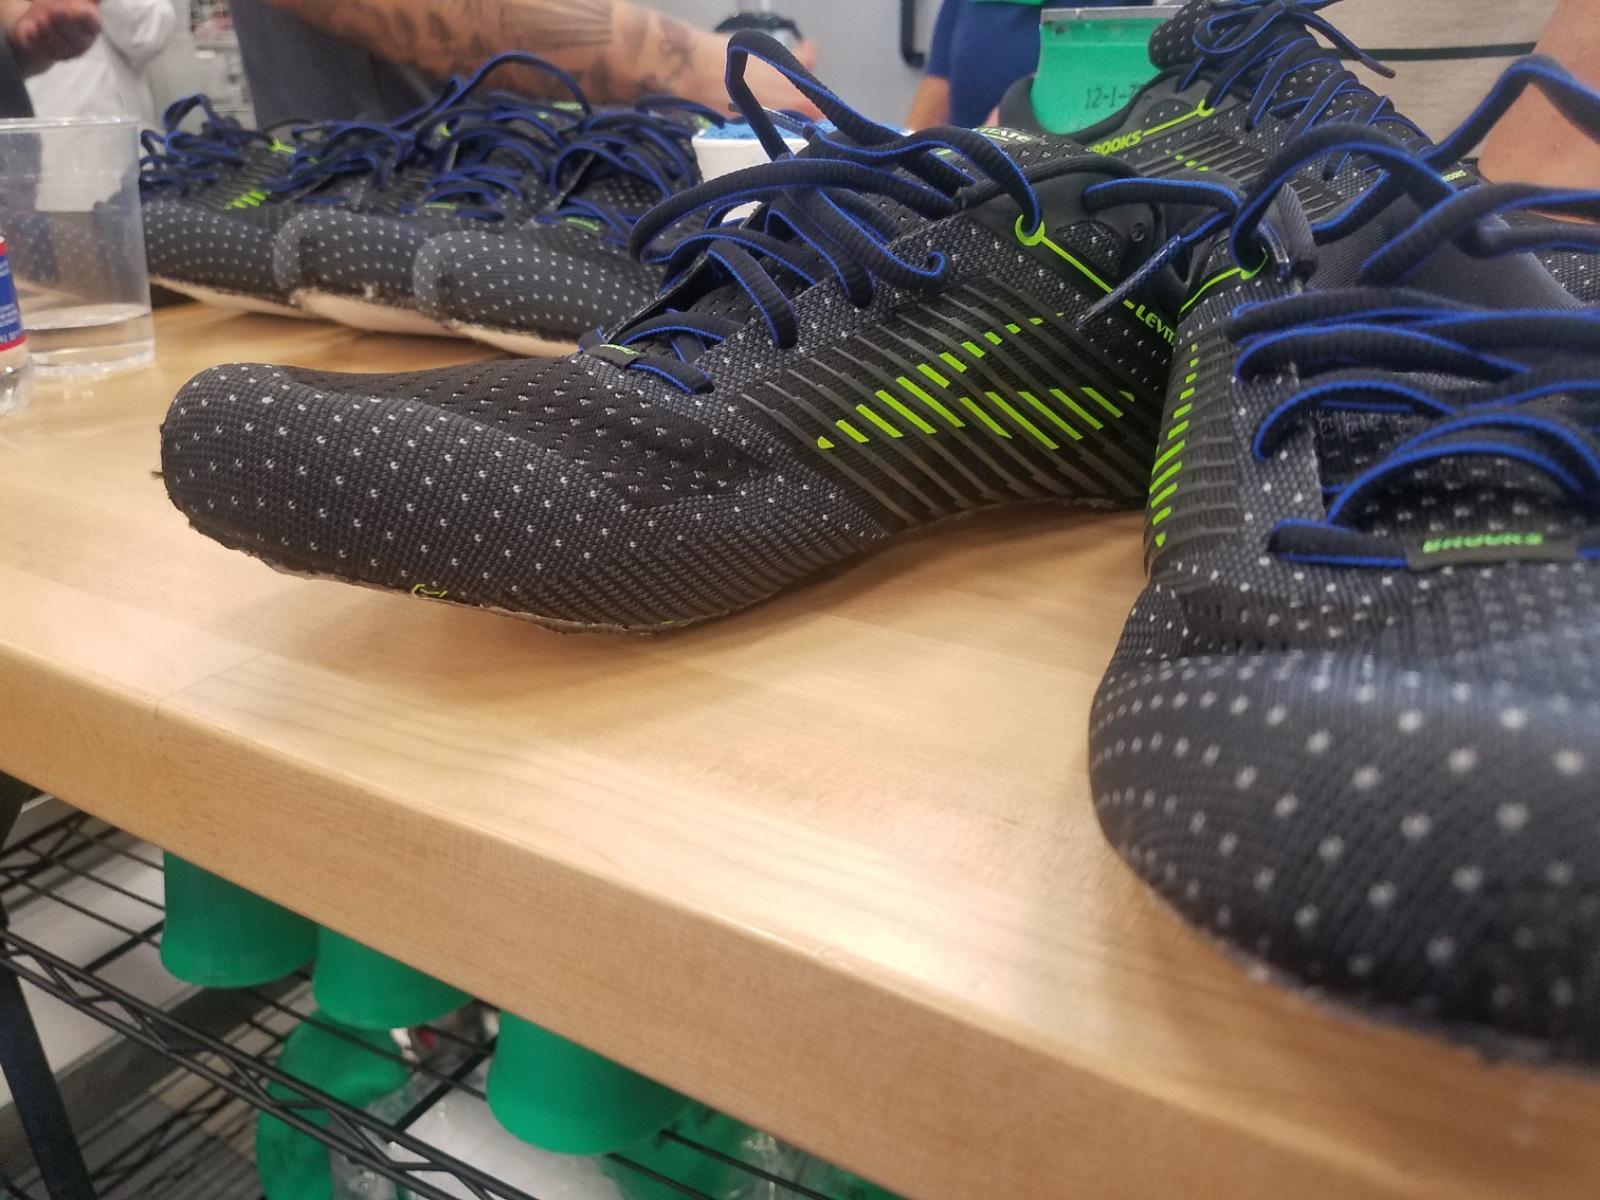 Brooks levitate custom running footwear 2